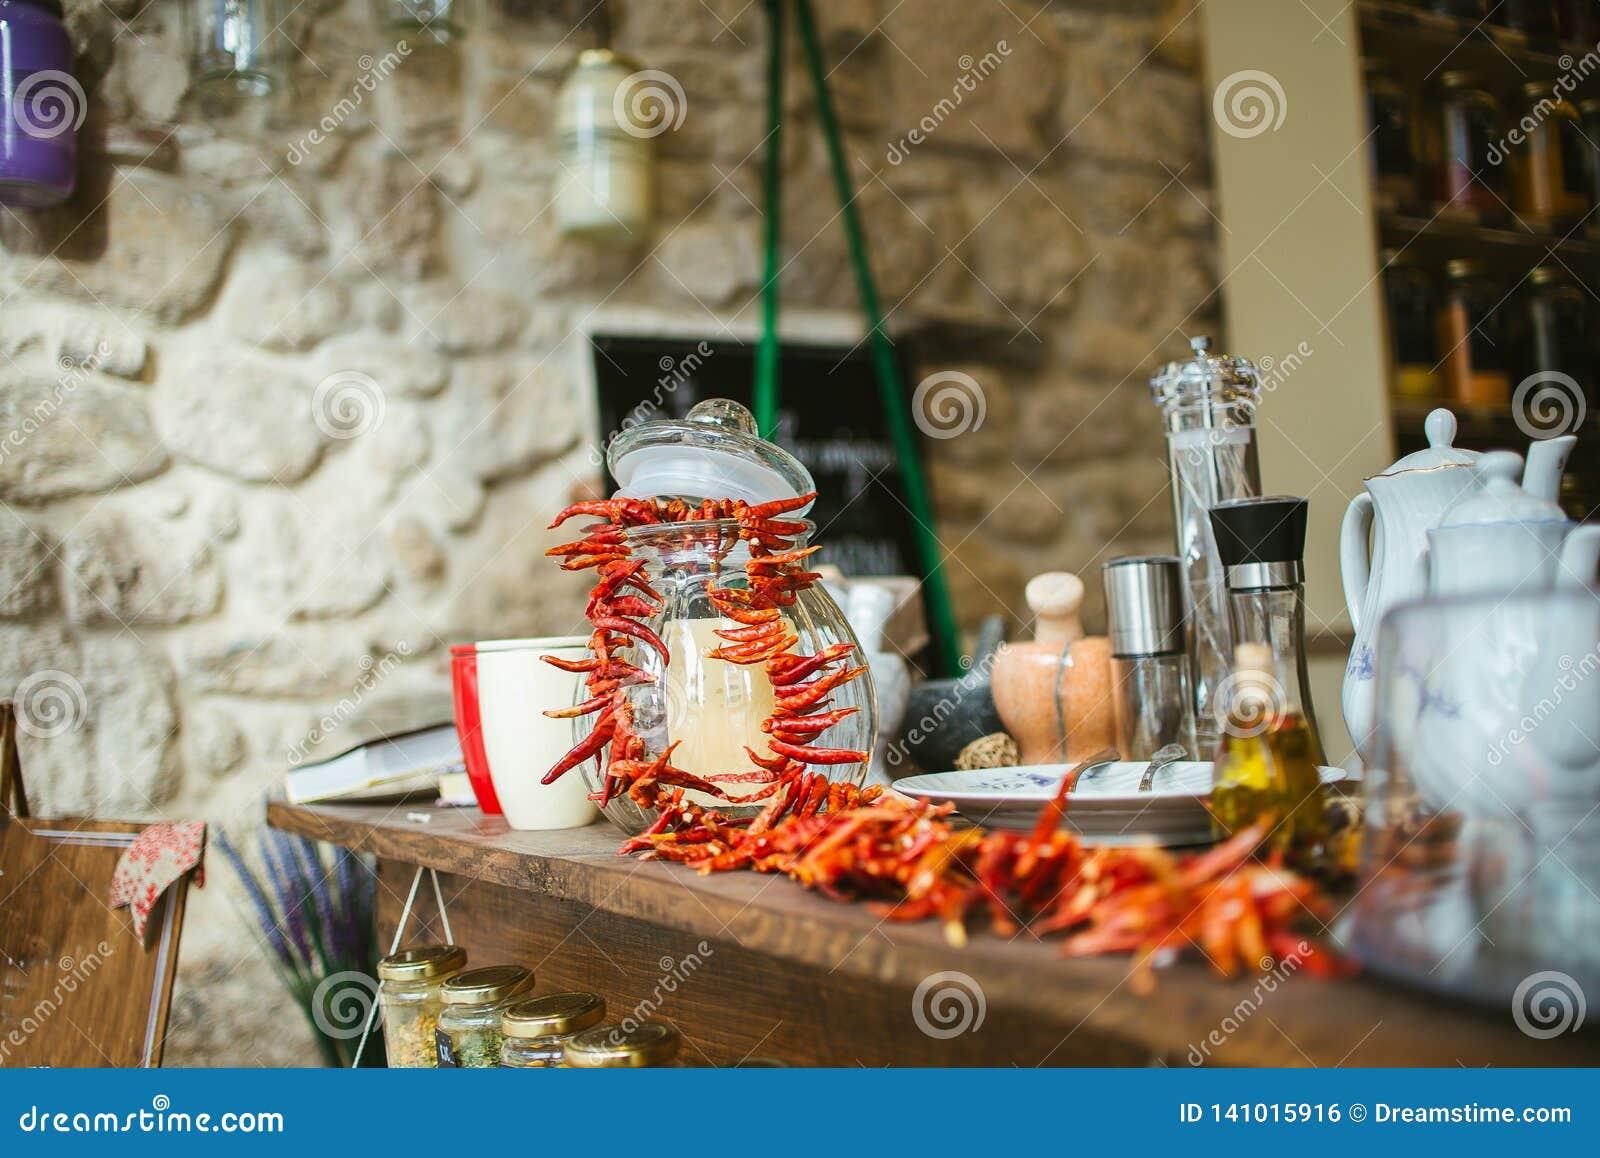 Tarro de albañil con pimientas frías